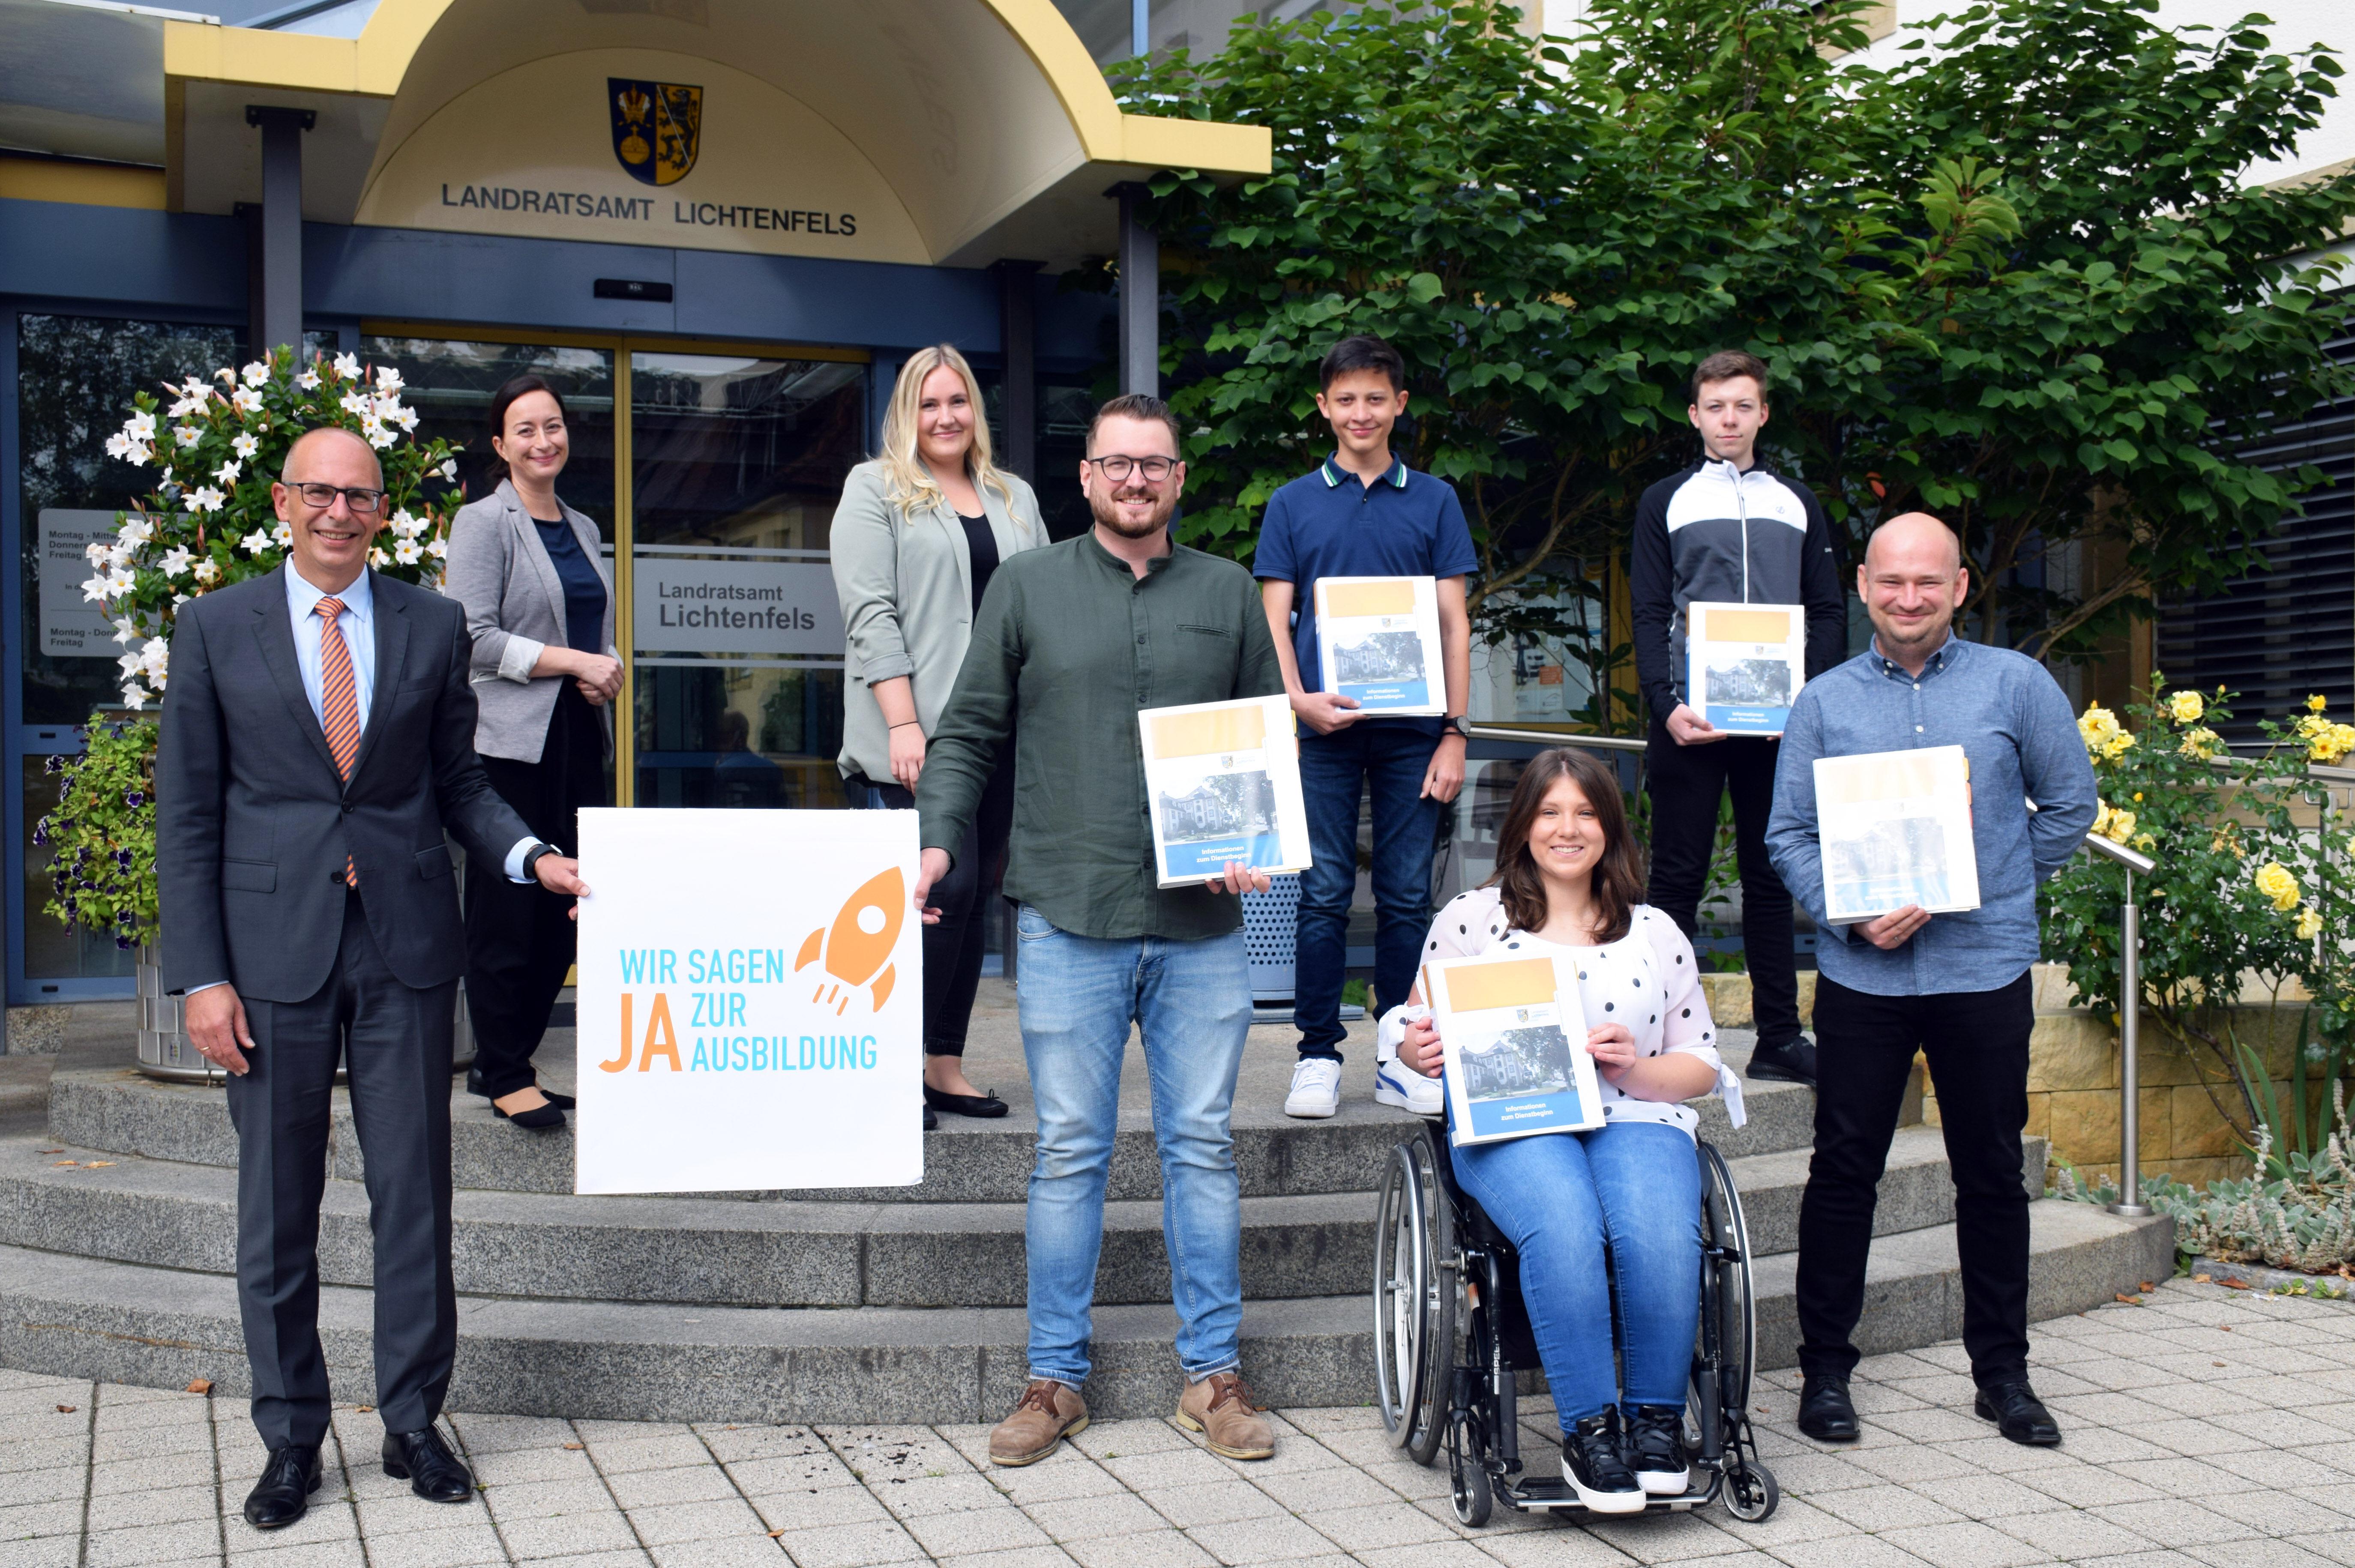 Fünf Nachwuchskräfte starteten am 1. September 2021 ihre Ausbildung am Landratsamt Lichtenfels. Foto: Heidi Bauer/Landratsamt Lichtenfels